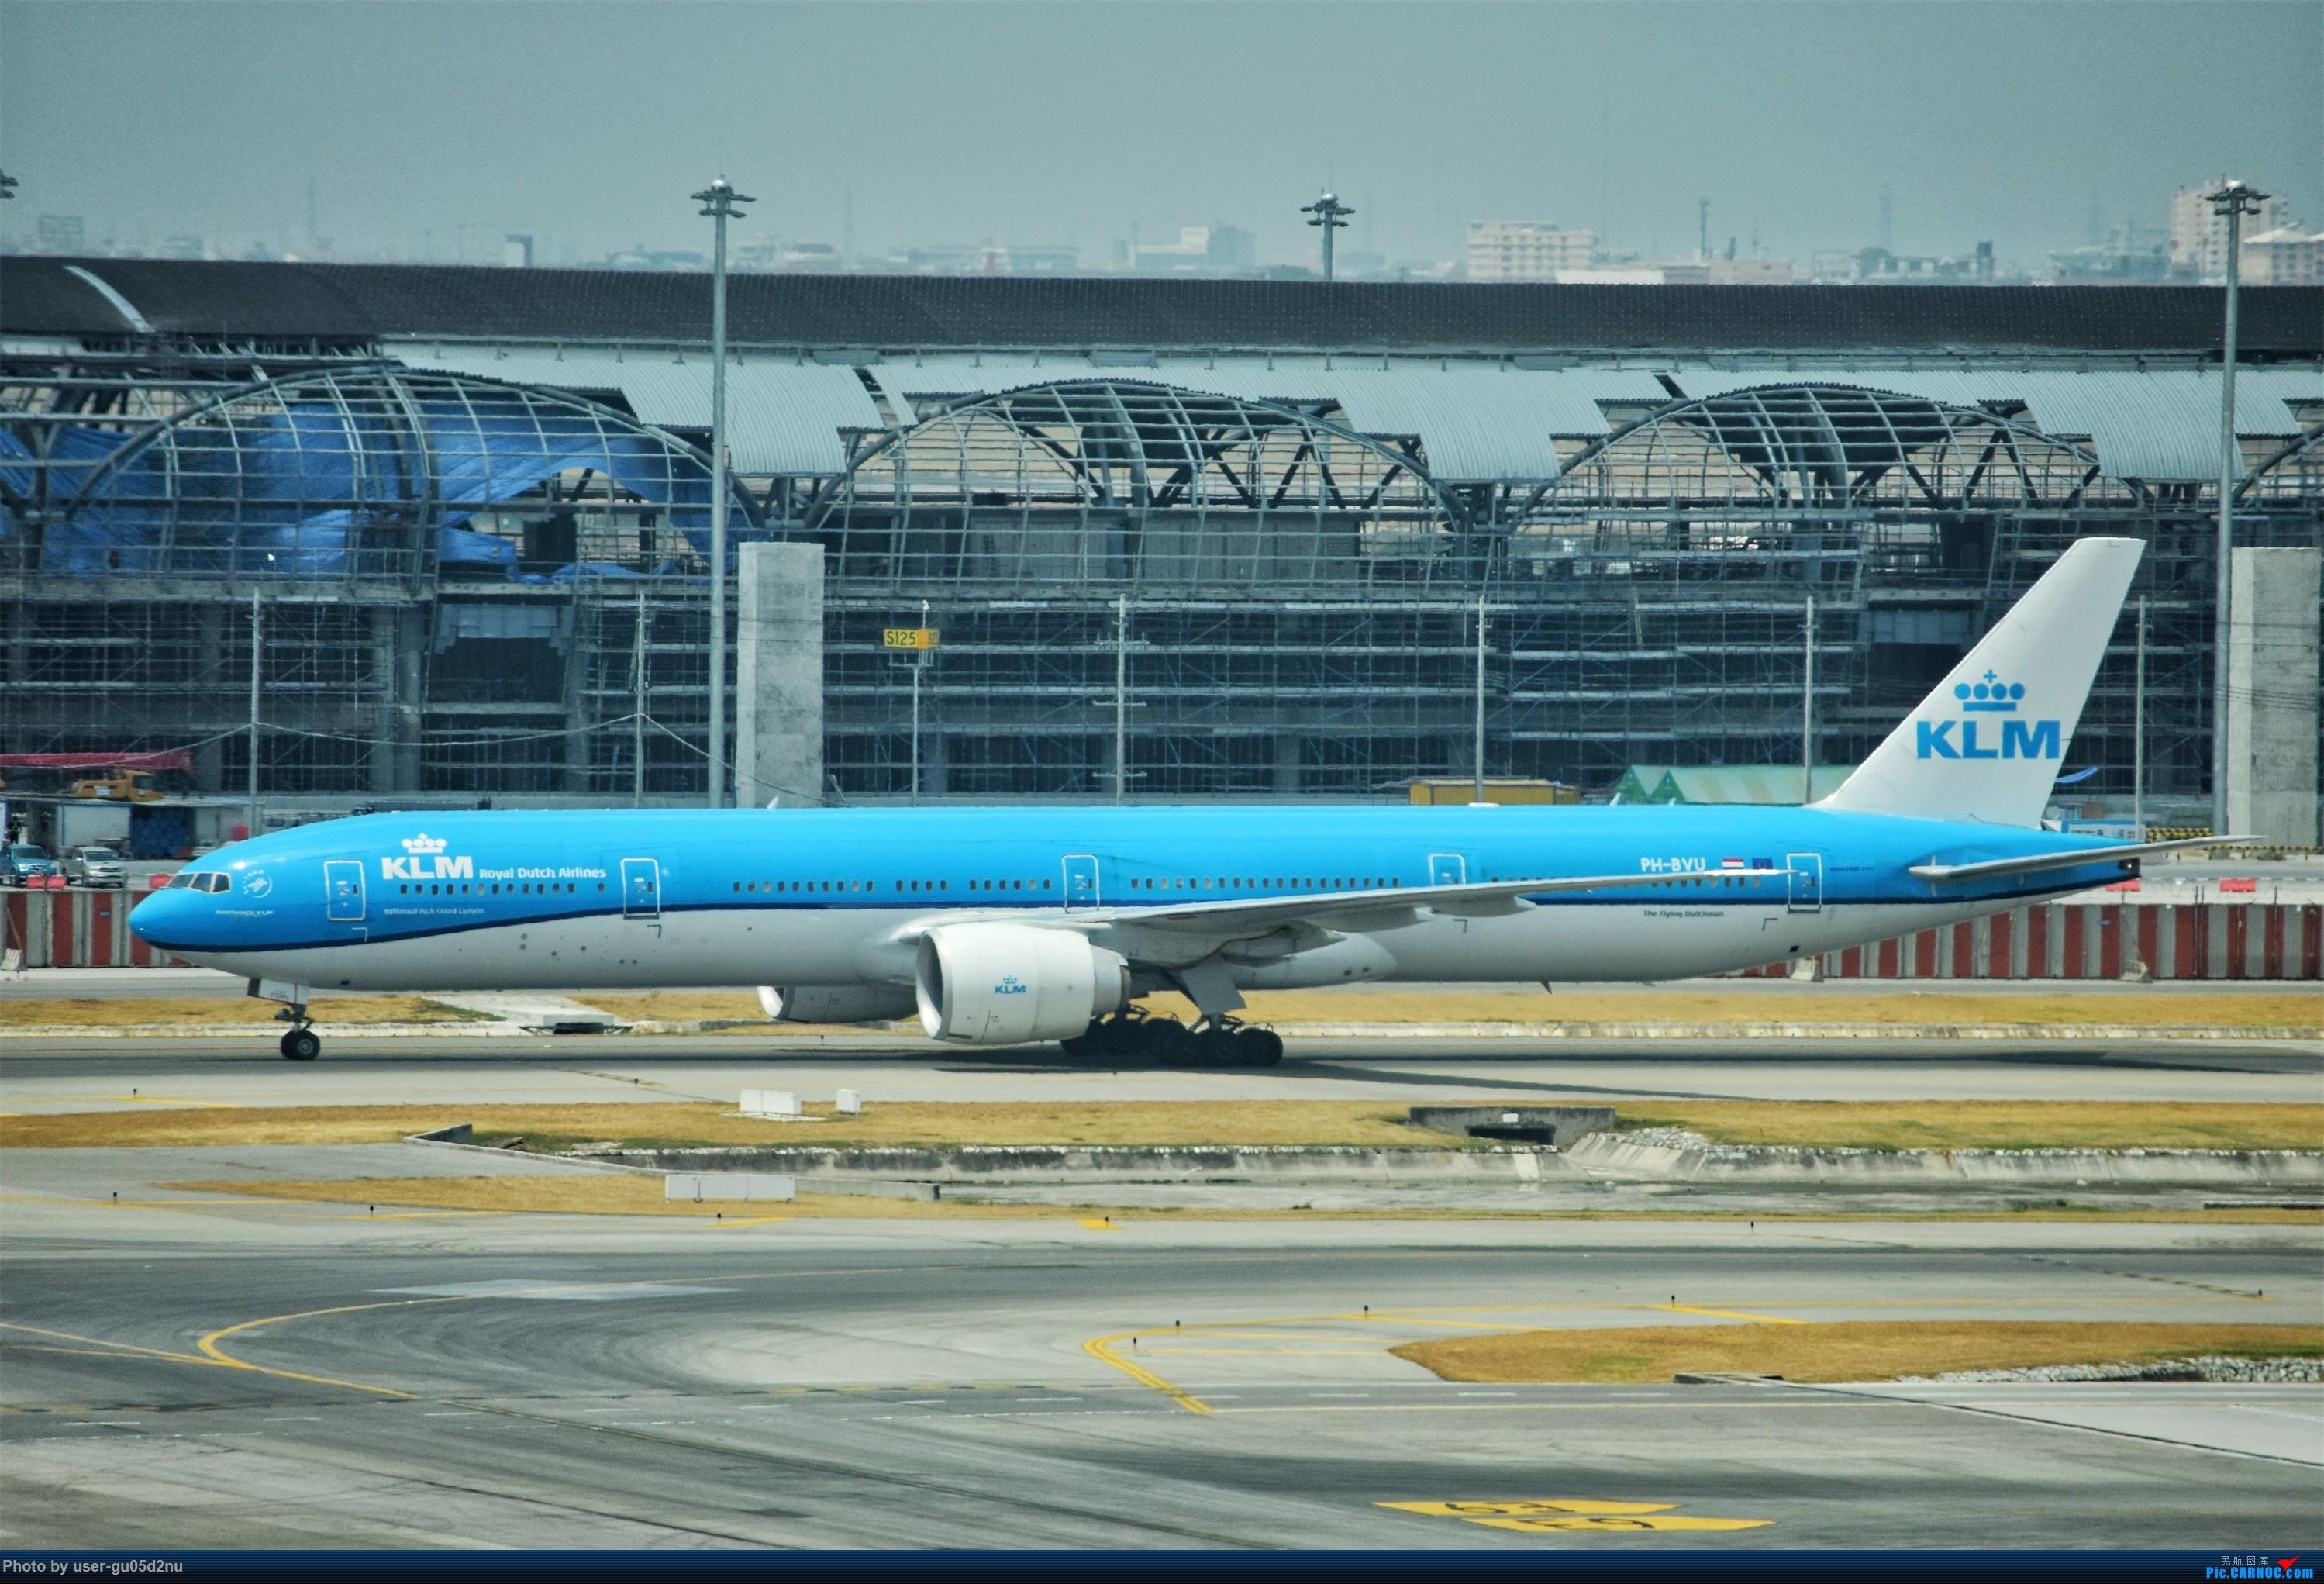 Re:[原创]曼谷素万那普观景平台视角【滑行篇】 BOEING 777-200 PH-BVU Suvarnabhumi Airport